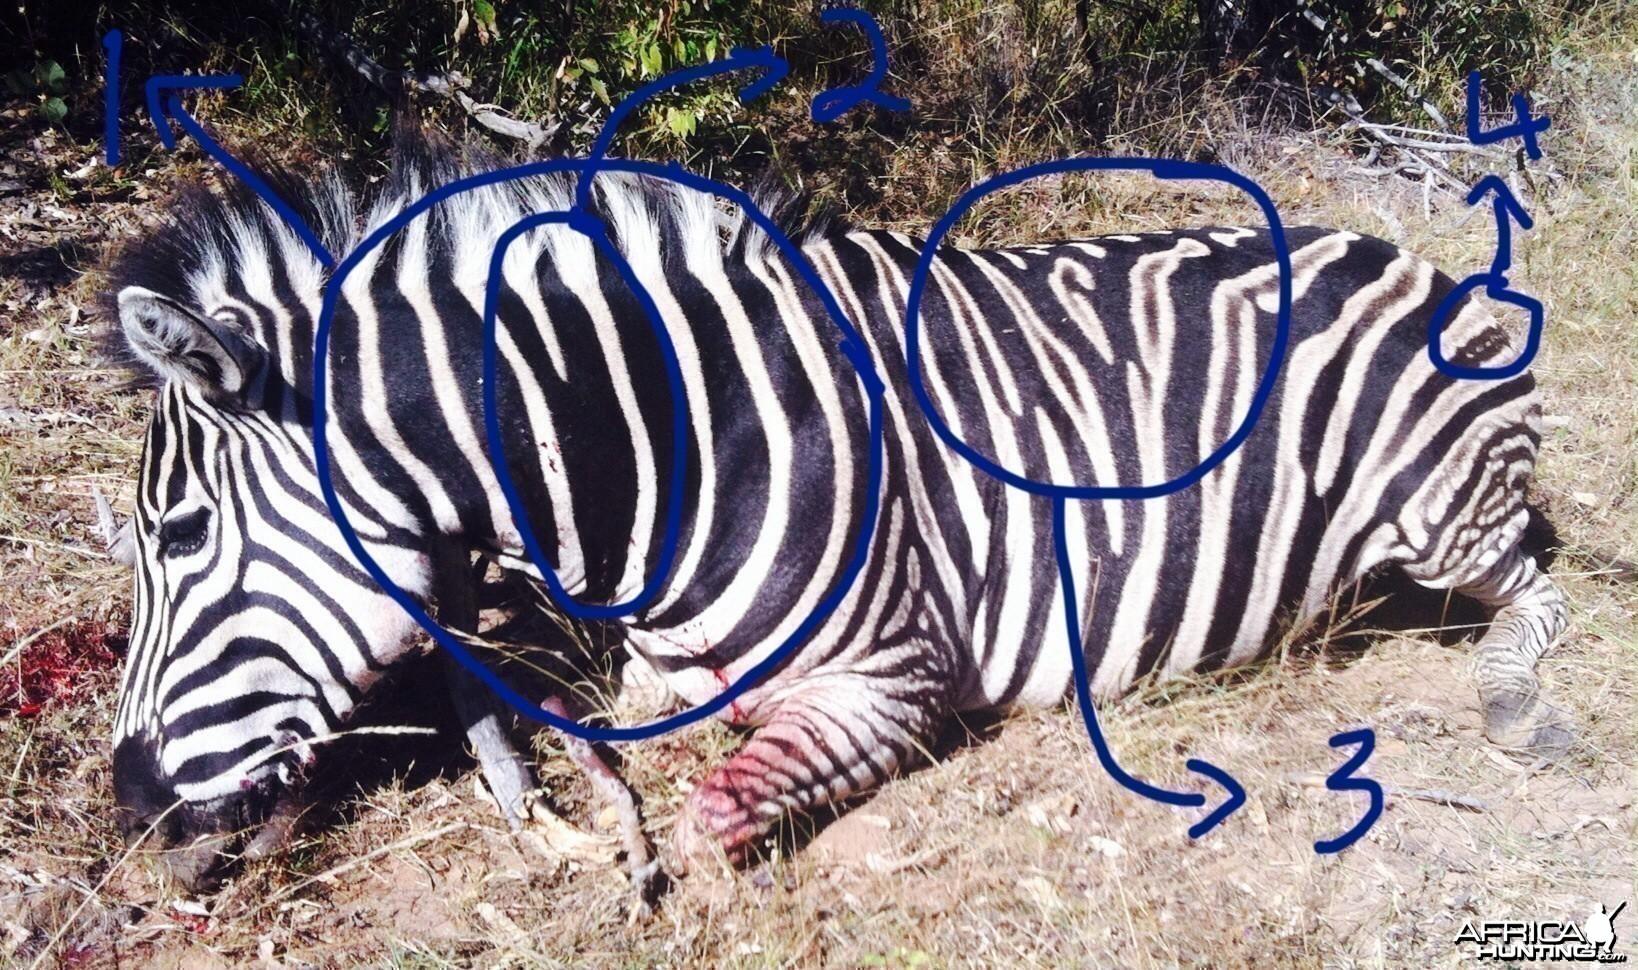 Black Zebra?